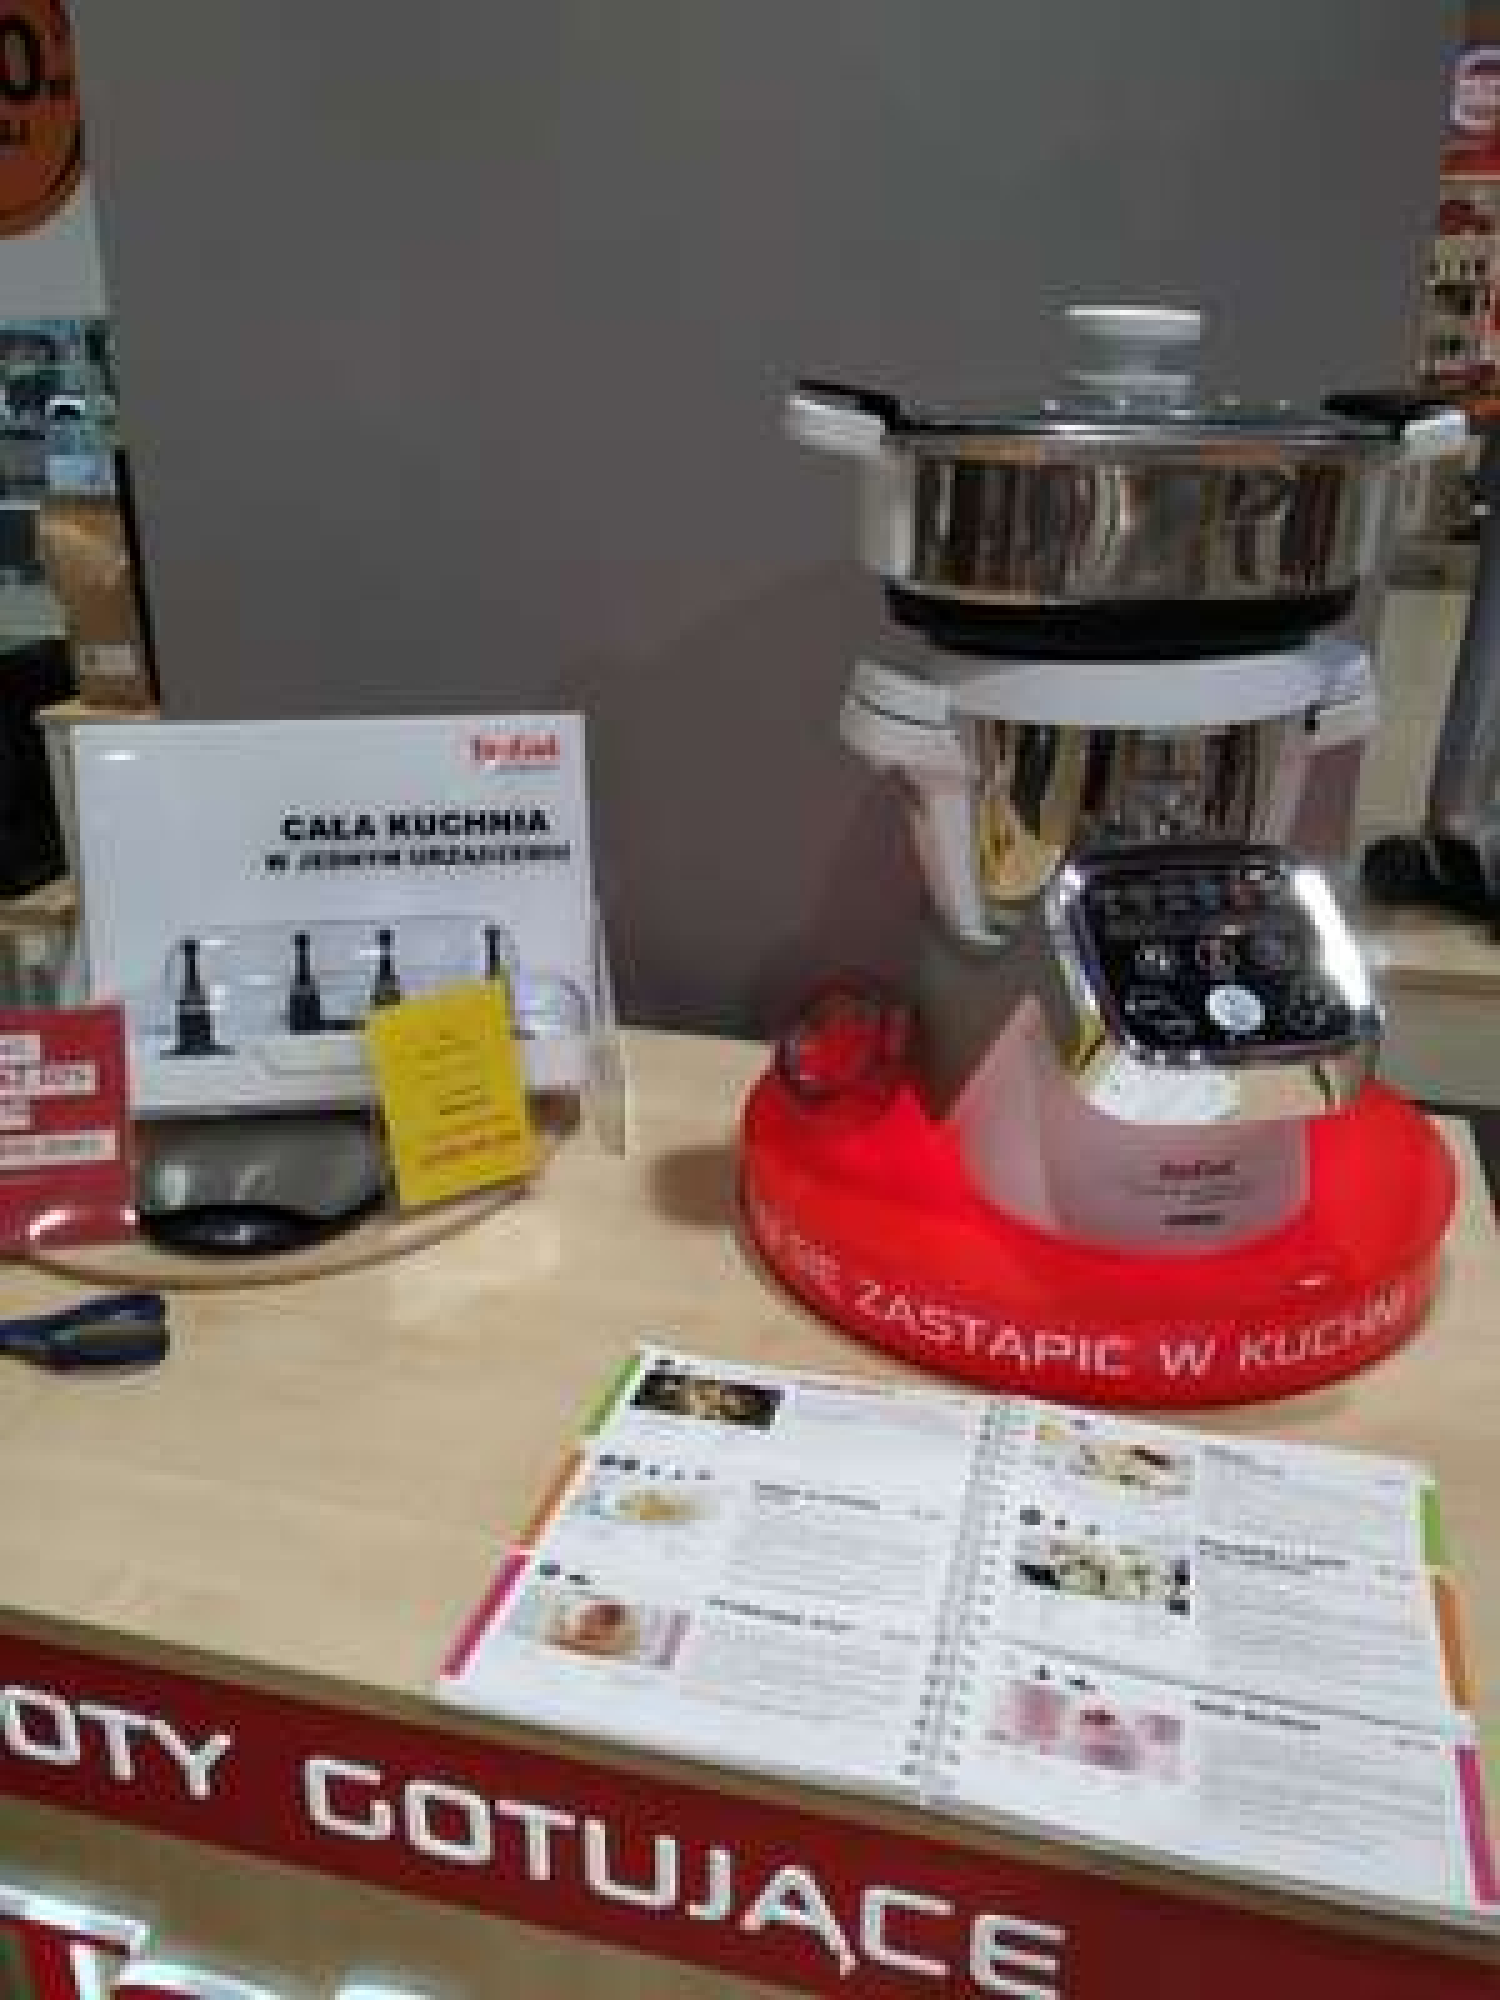 Robot kuchenny Tefal dodatkowo 500 zł  na kartę podarunkowa na następne zakupy.